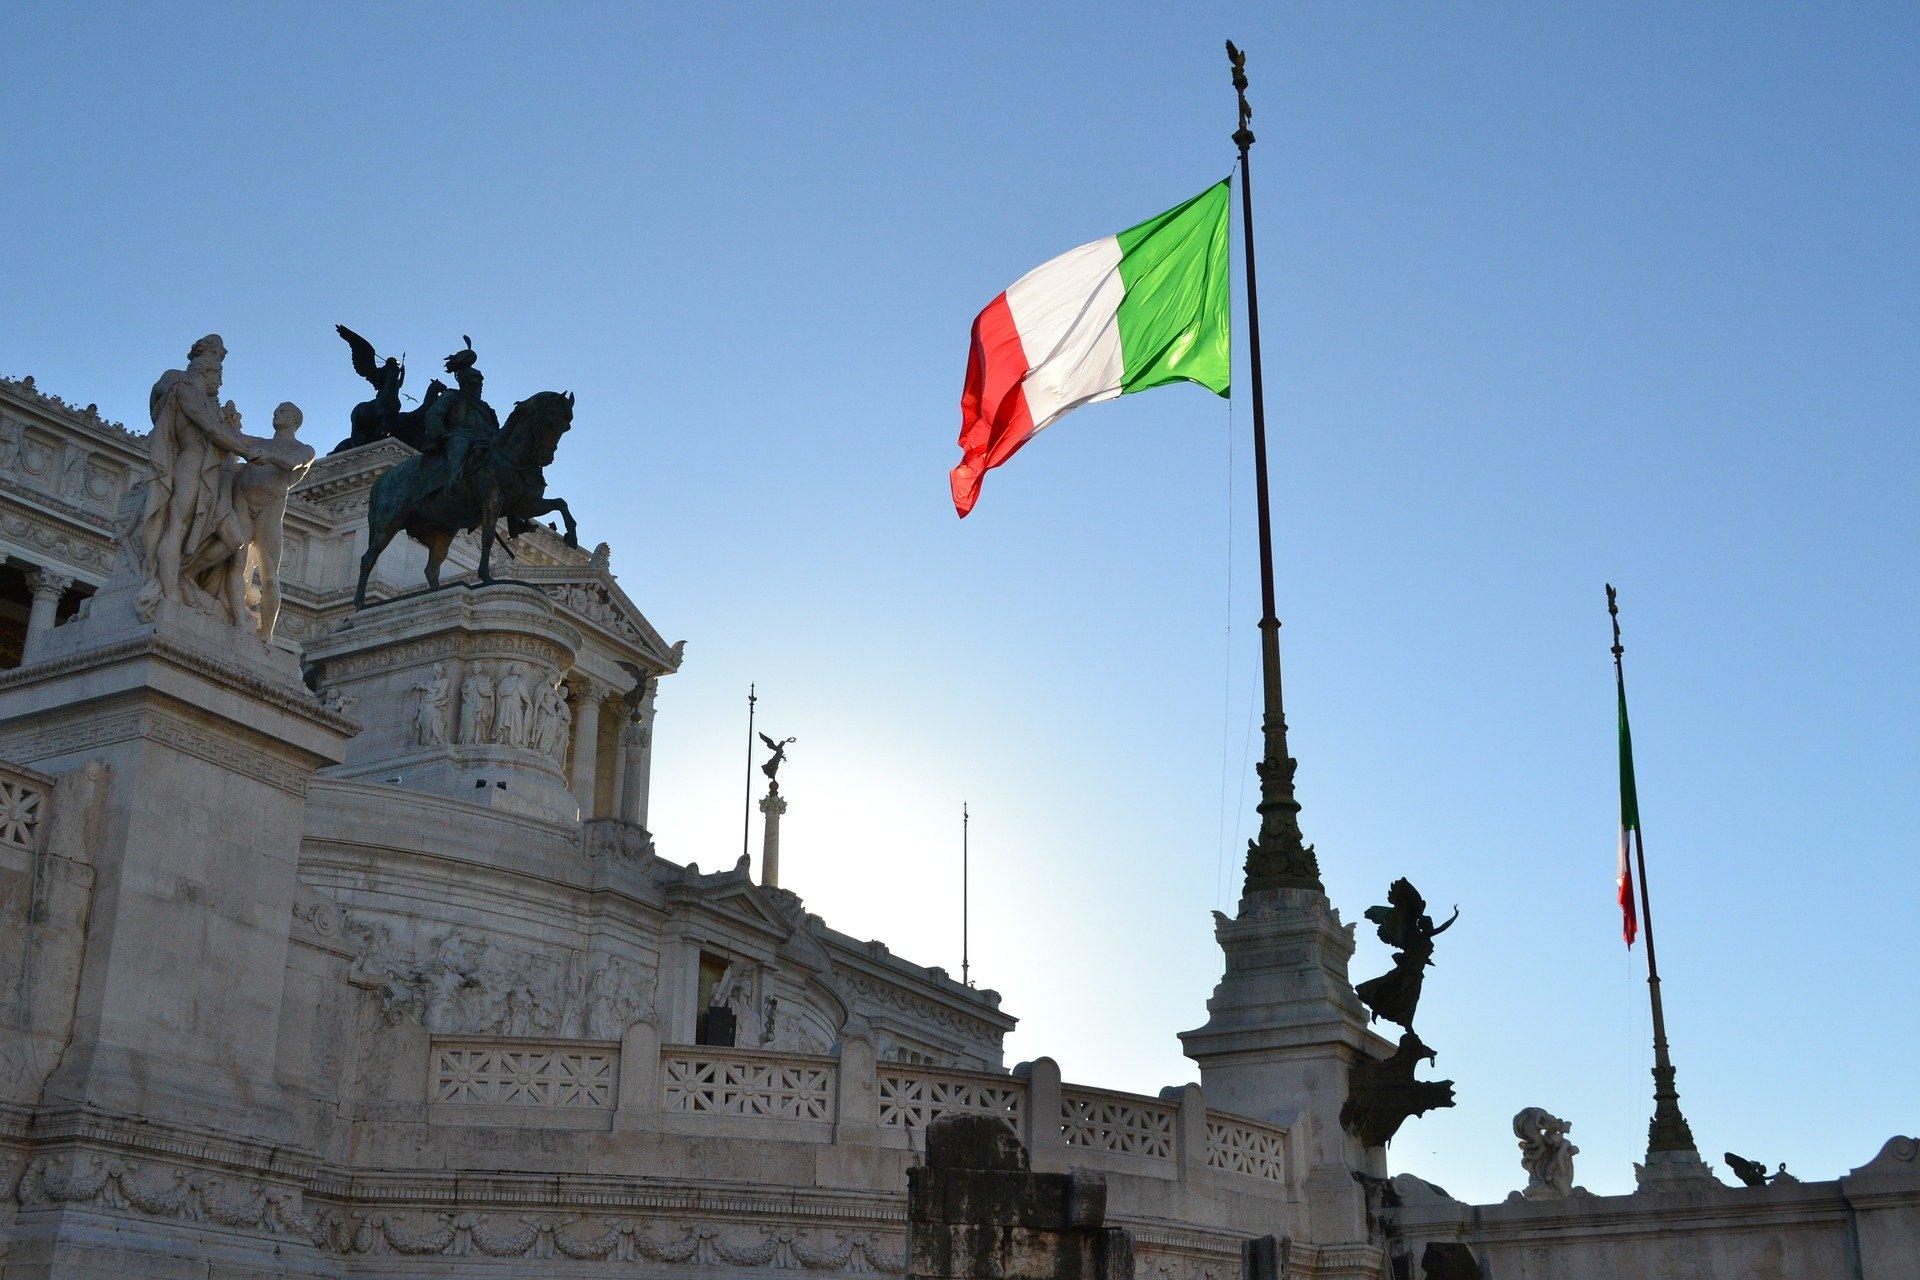 Włochy: Już bez kwarantanny po przyjeździe z krajów UE